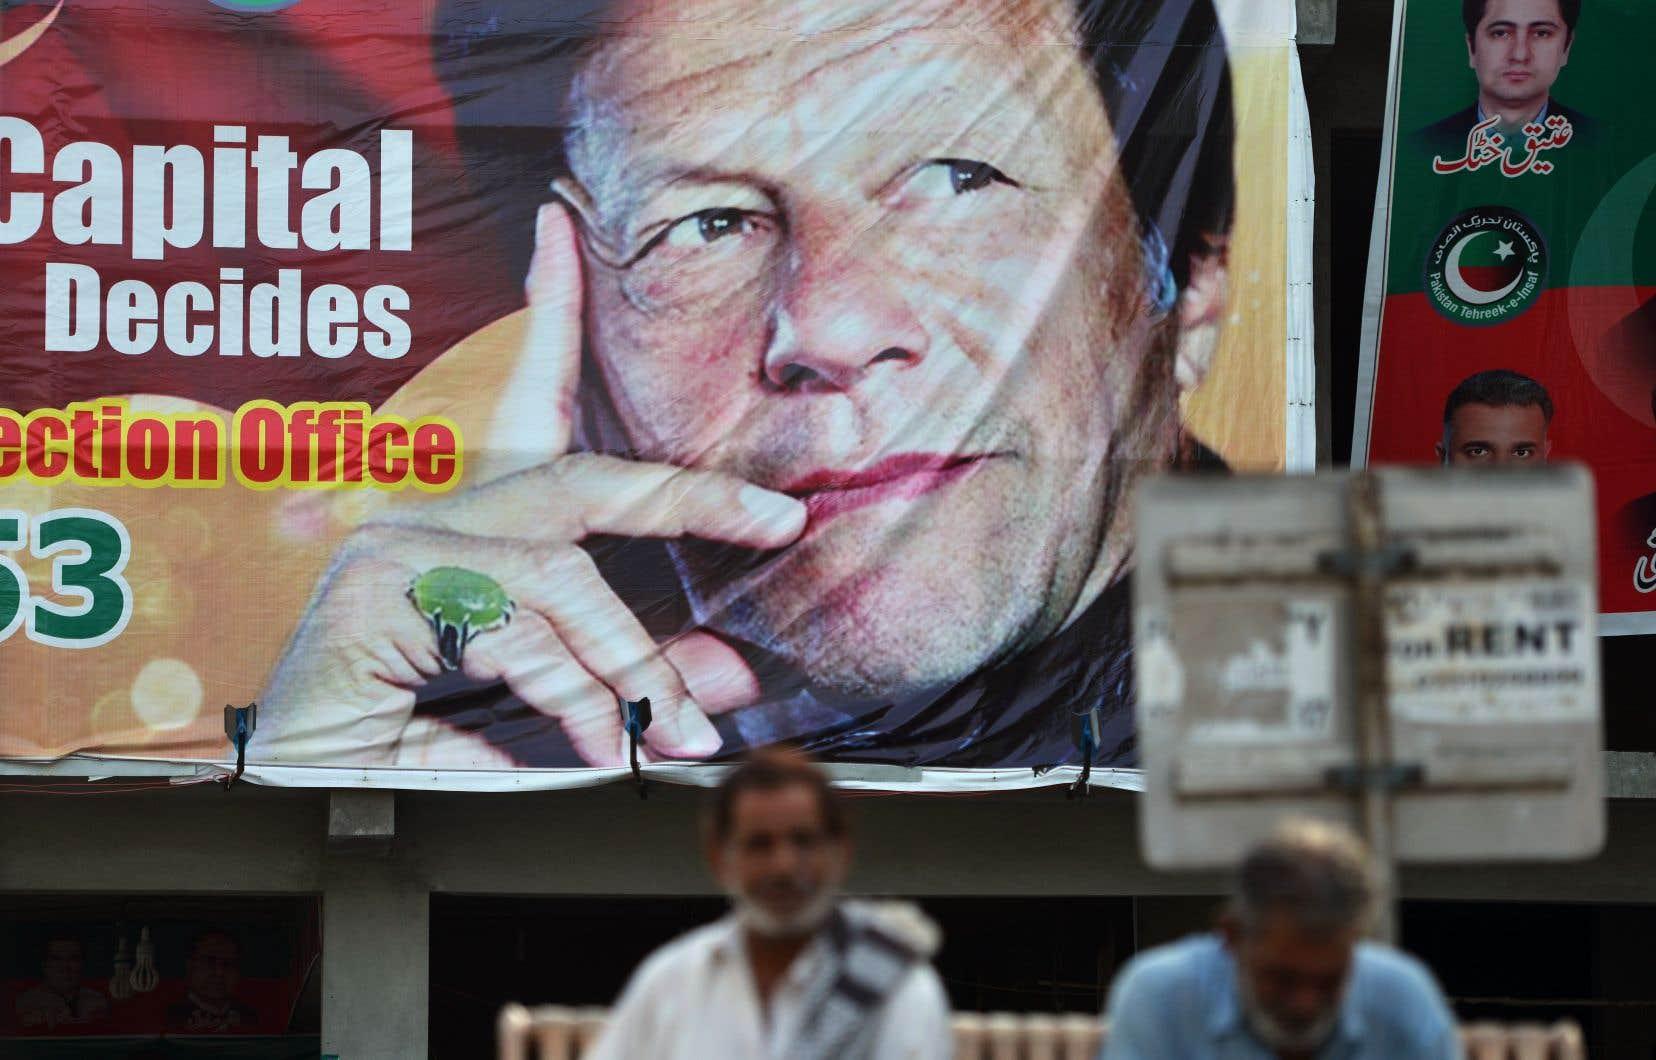 «Lorsque [Imran Khan] tentera d'exercer le pouvoir, cela conviendra-t-il à l'armée ou y aura-t-il un conflit?» s'interroge l'analyste et général à la retraite Talat Masood.